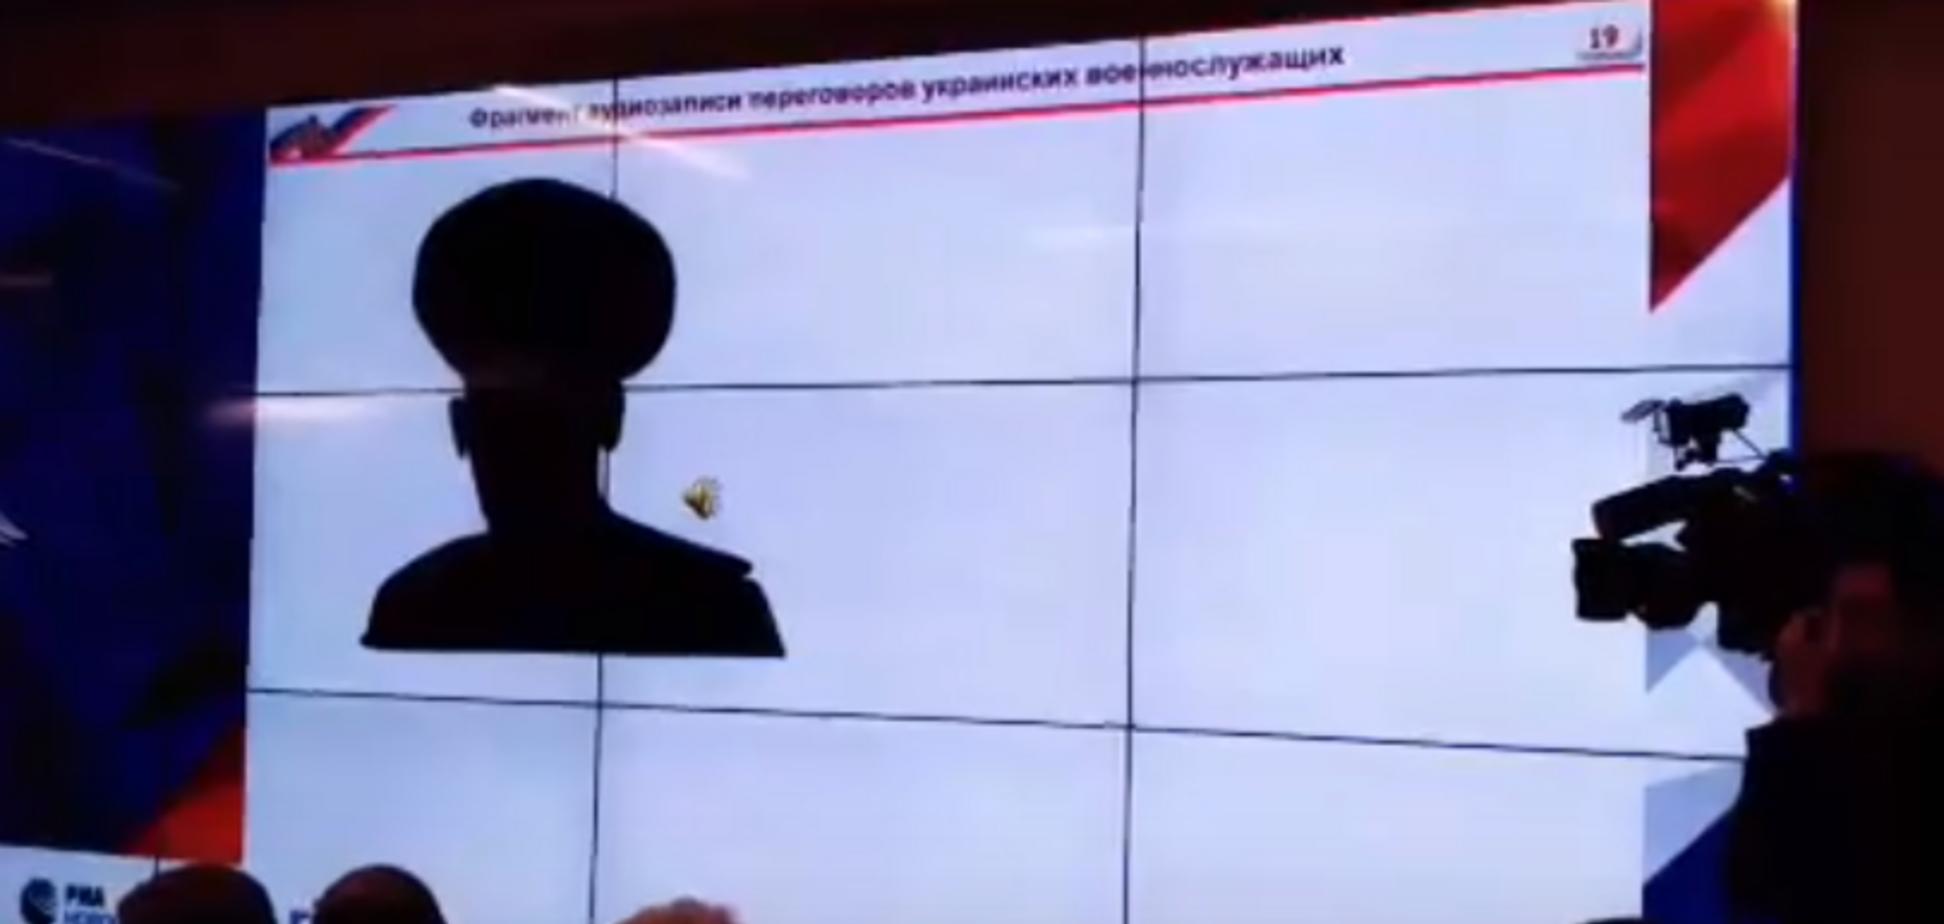 'Еб*нем еще один Boeing': Россия обнародовала скандальный разговор 'украинских военных' о MH17